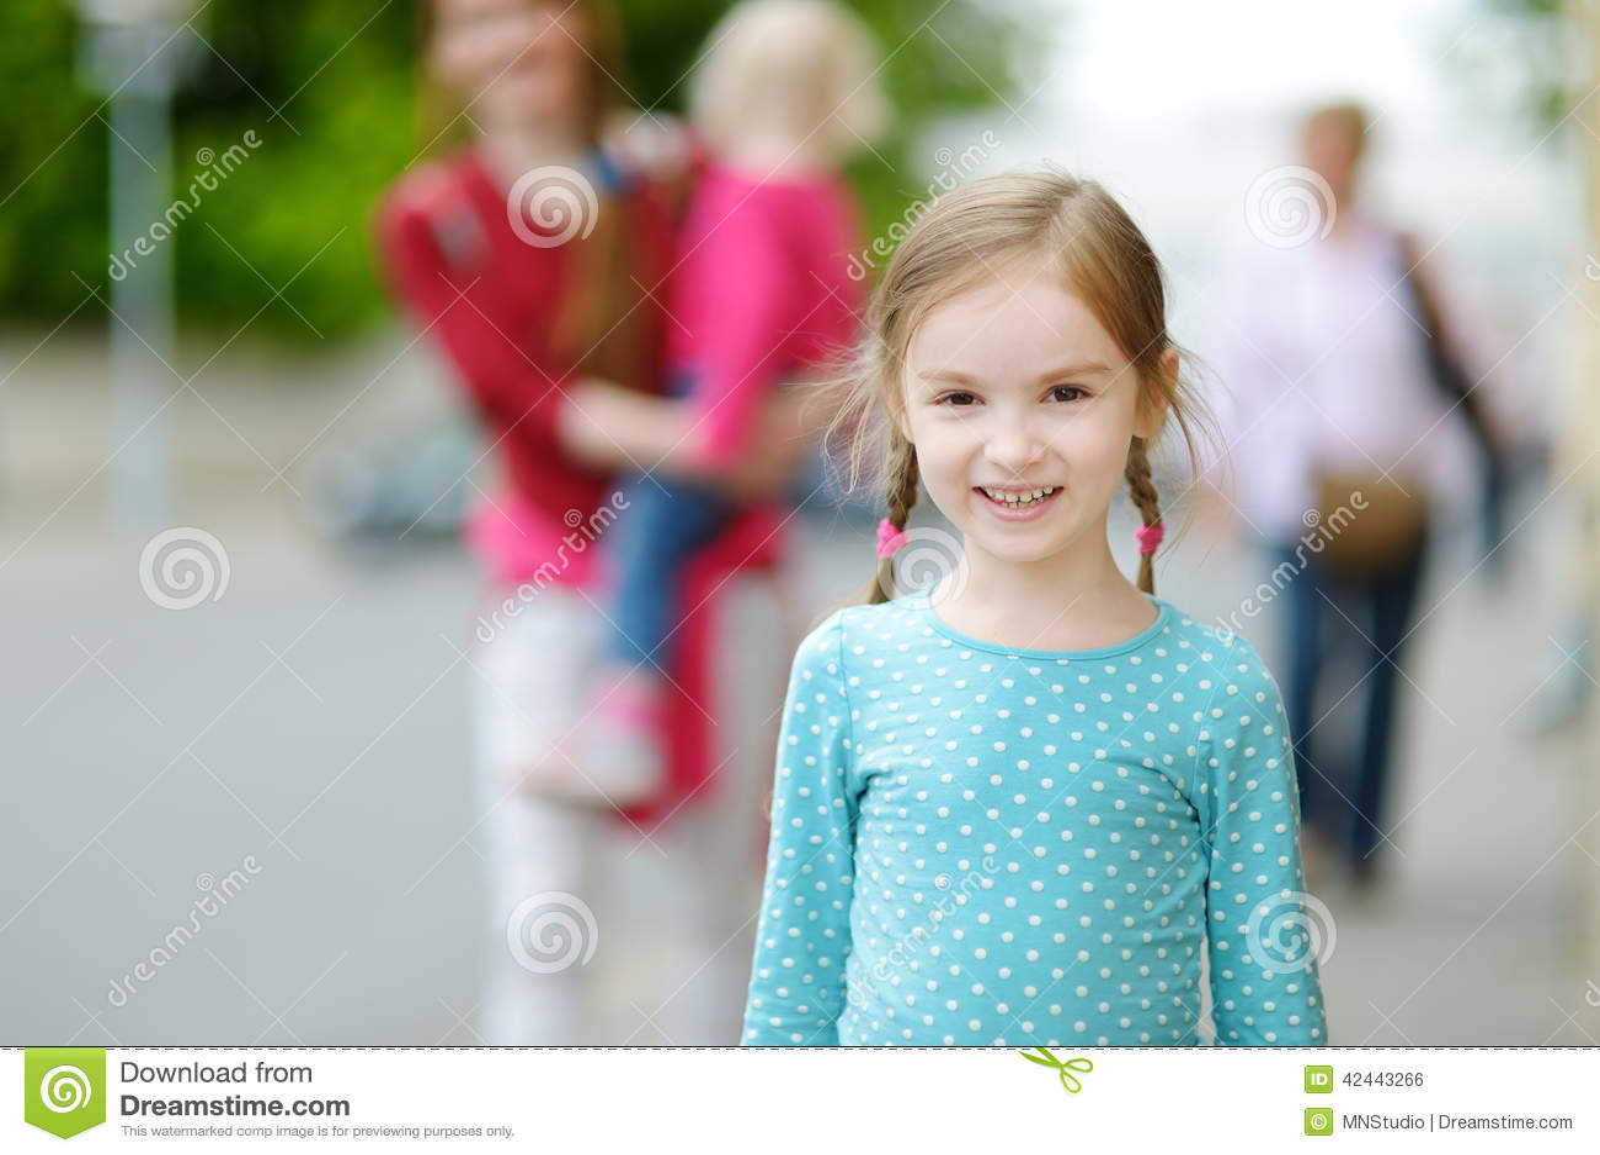 Retrato de una niña linda